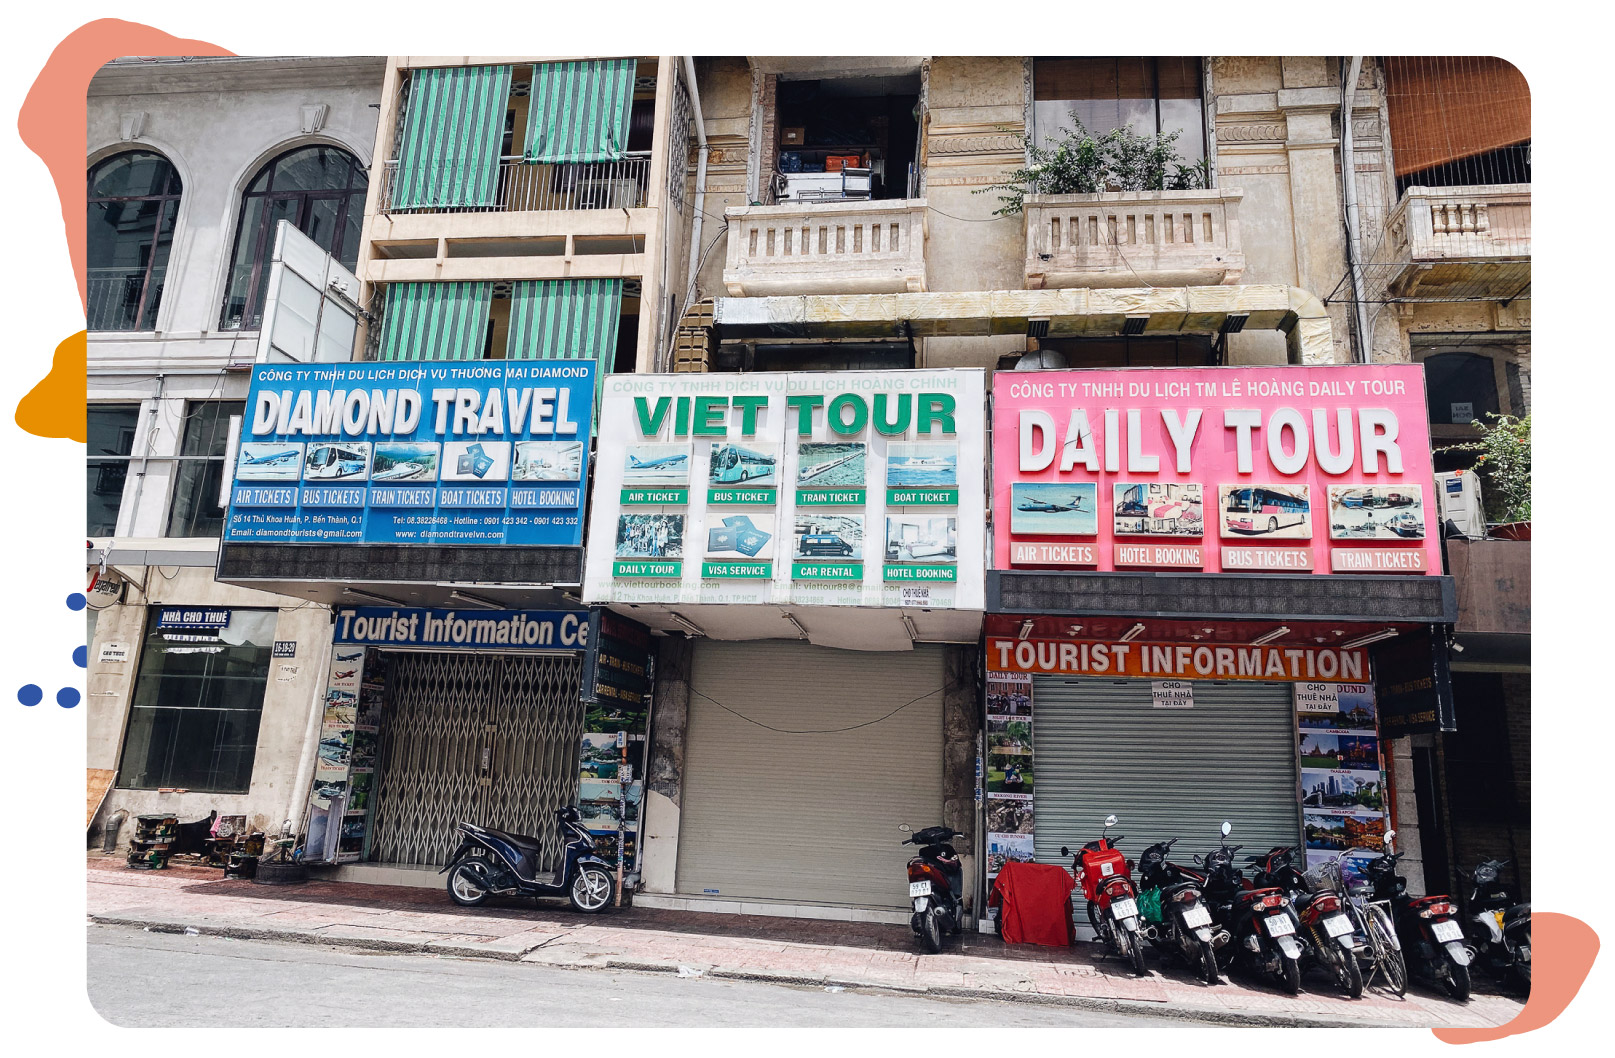 Chuyện thương trường 2020: Biến số Covid-19 và lời giải của doanh nghiệp Việt - Ảnh 7.